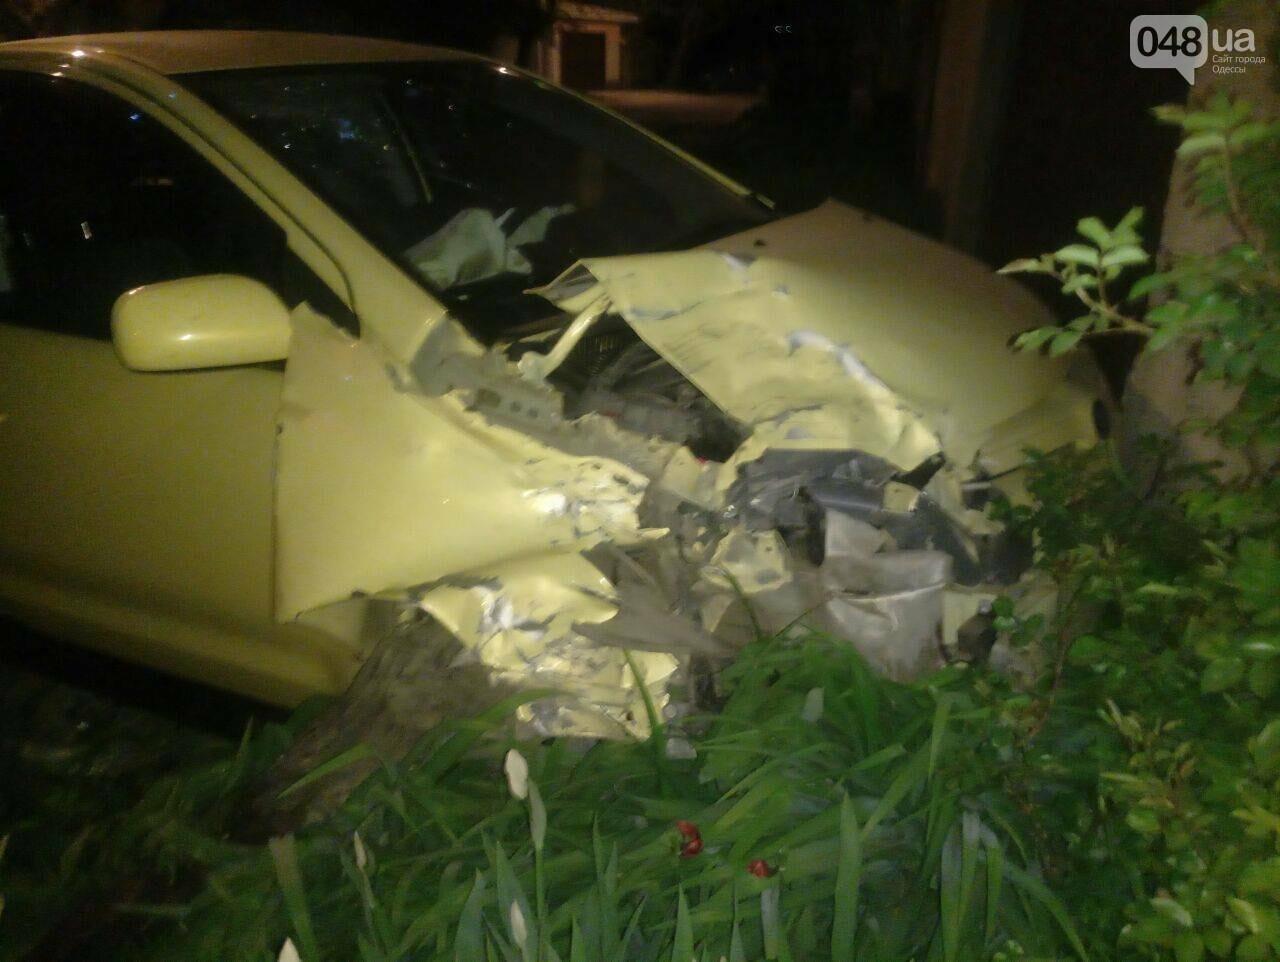 В Одесе угнанное с СТО авто попало в разрушительную аварию (ФОТО), фото-2